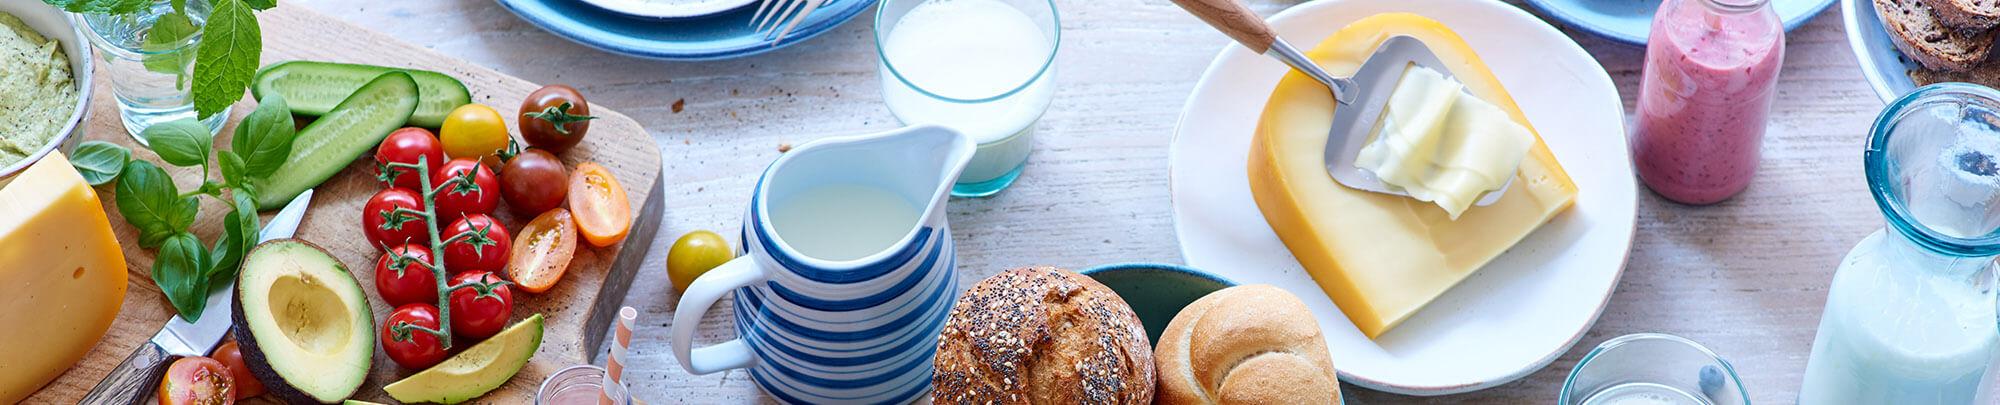 Lunchtafel met zuivel, broodjes en beleg